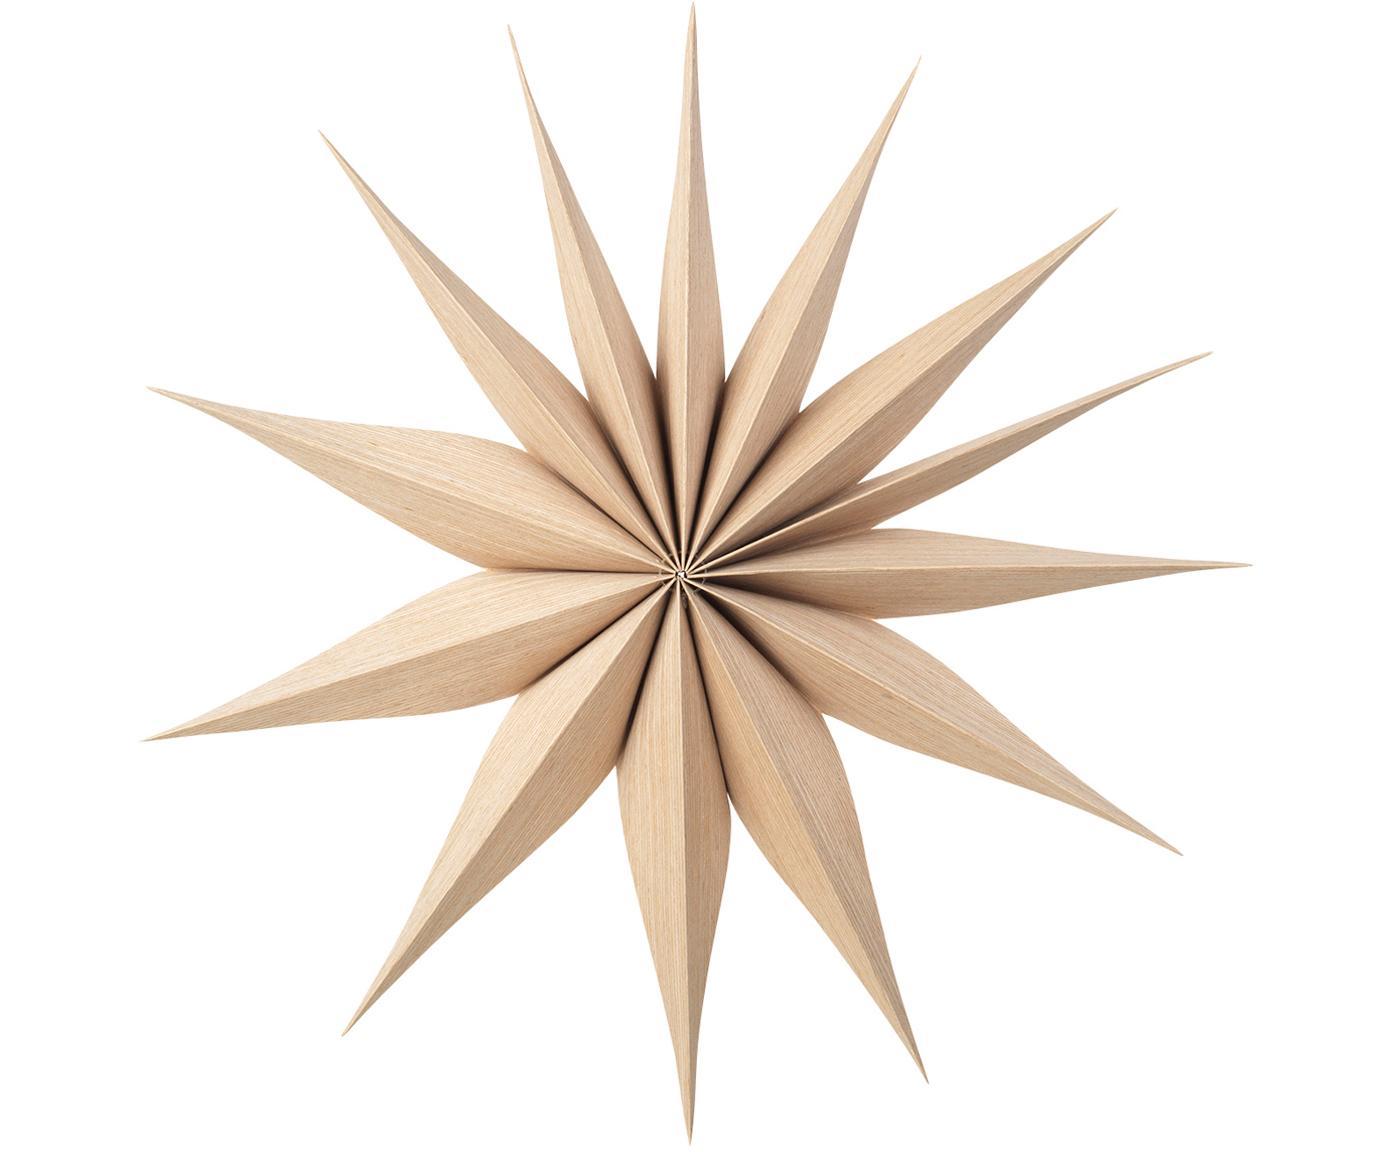 Stella decorativa Venok, 2 pz., Legno sottile, Marrone chiaro, Ø 40 cm